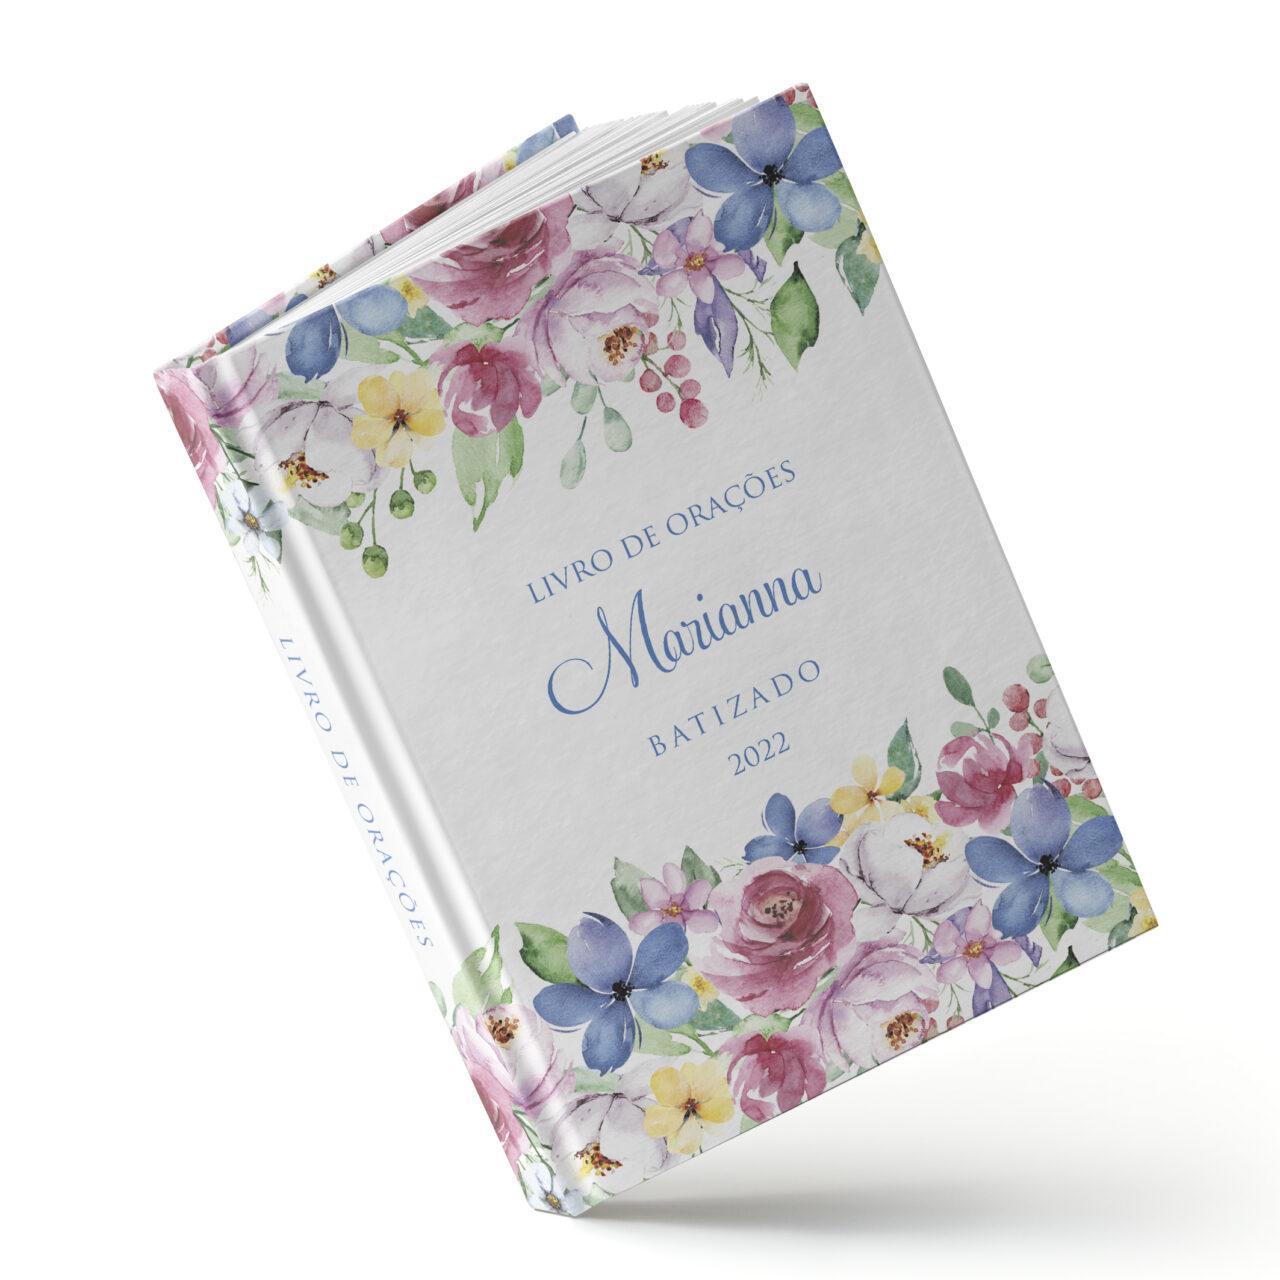 Sweetcards- Primavera - Livro de orações